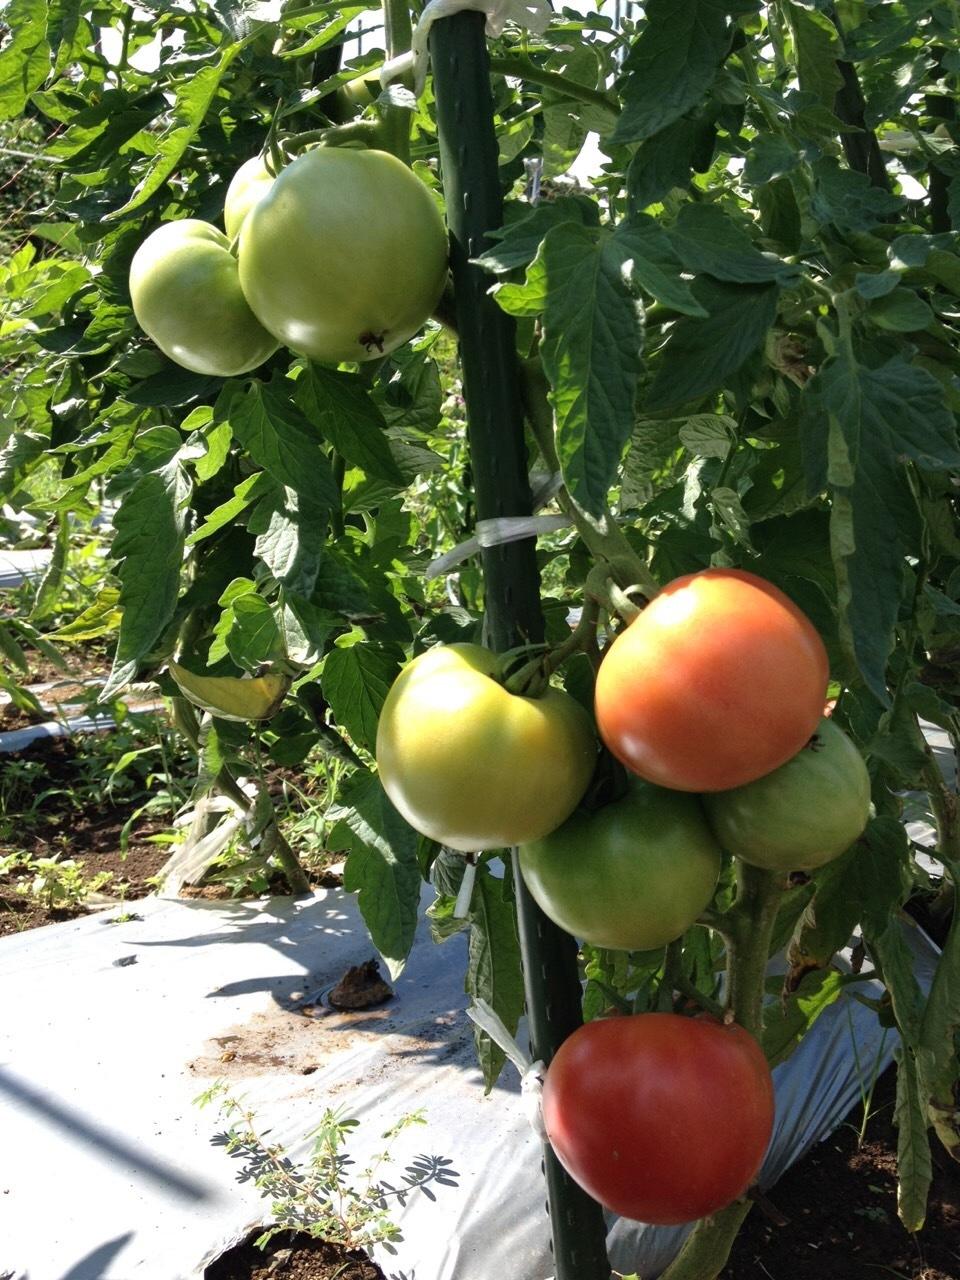 エンドウ豆の枯れ木を燃やし 成平 蔓ありいんげんの発芽確認 ナス&トマトの脇芽摘みと収穫_c0222448_14411778.jpg